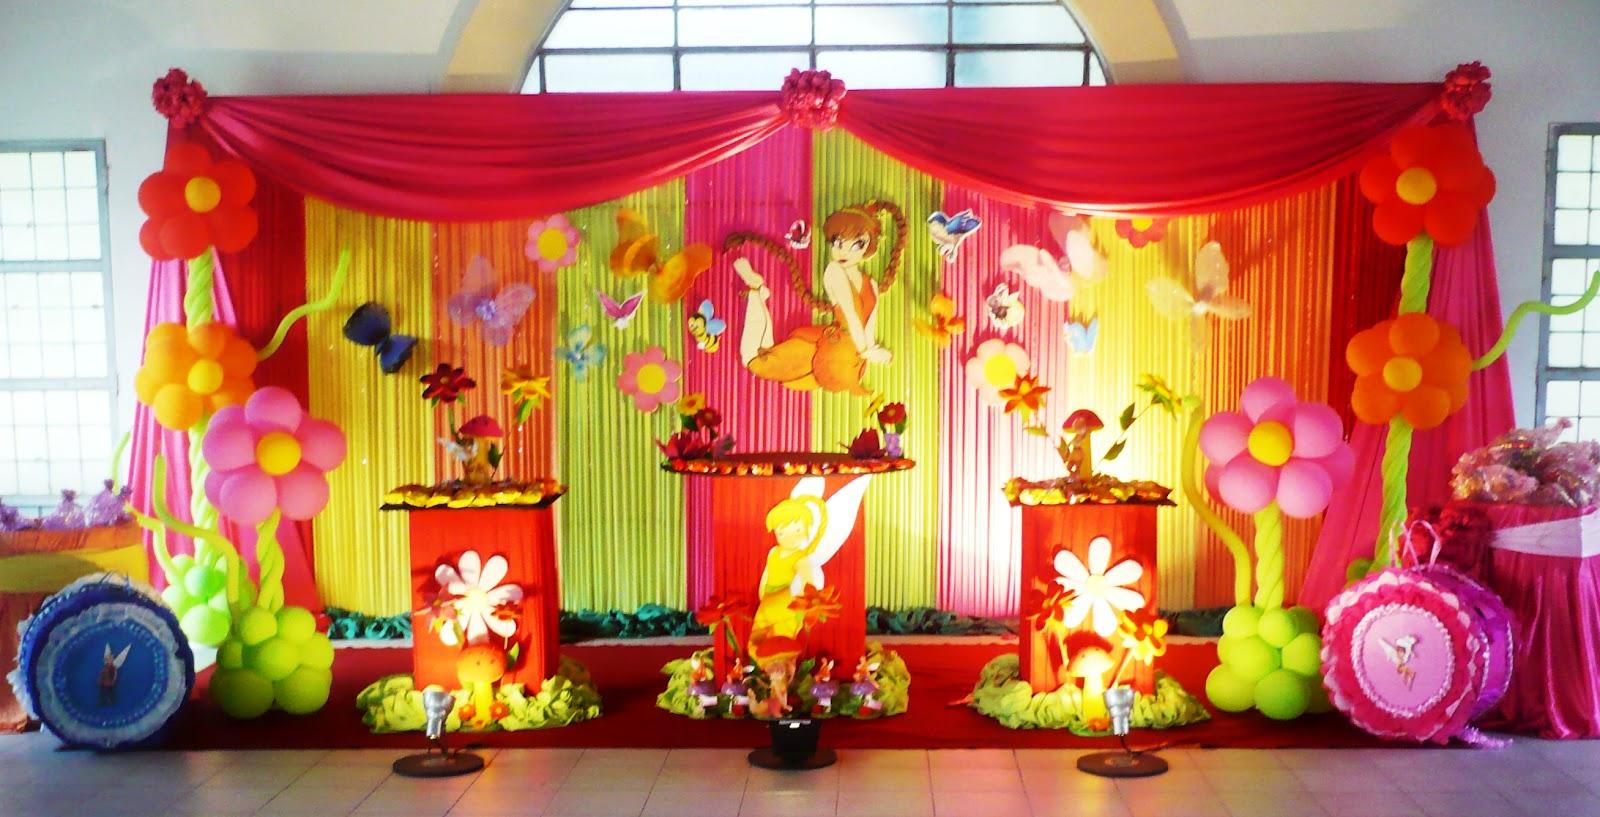 STAR MAGIC Decoracion de Fiestas y Eventos: septiembre 2012